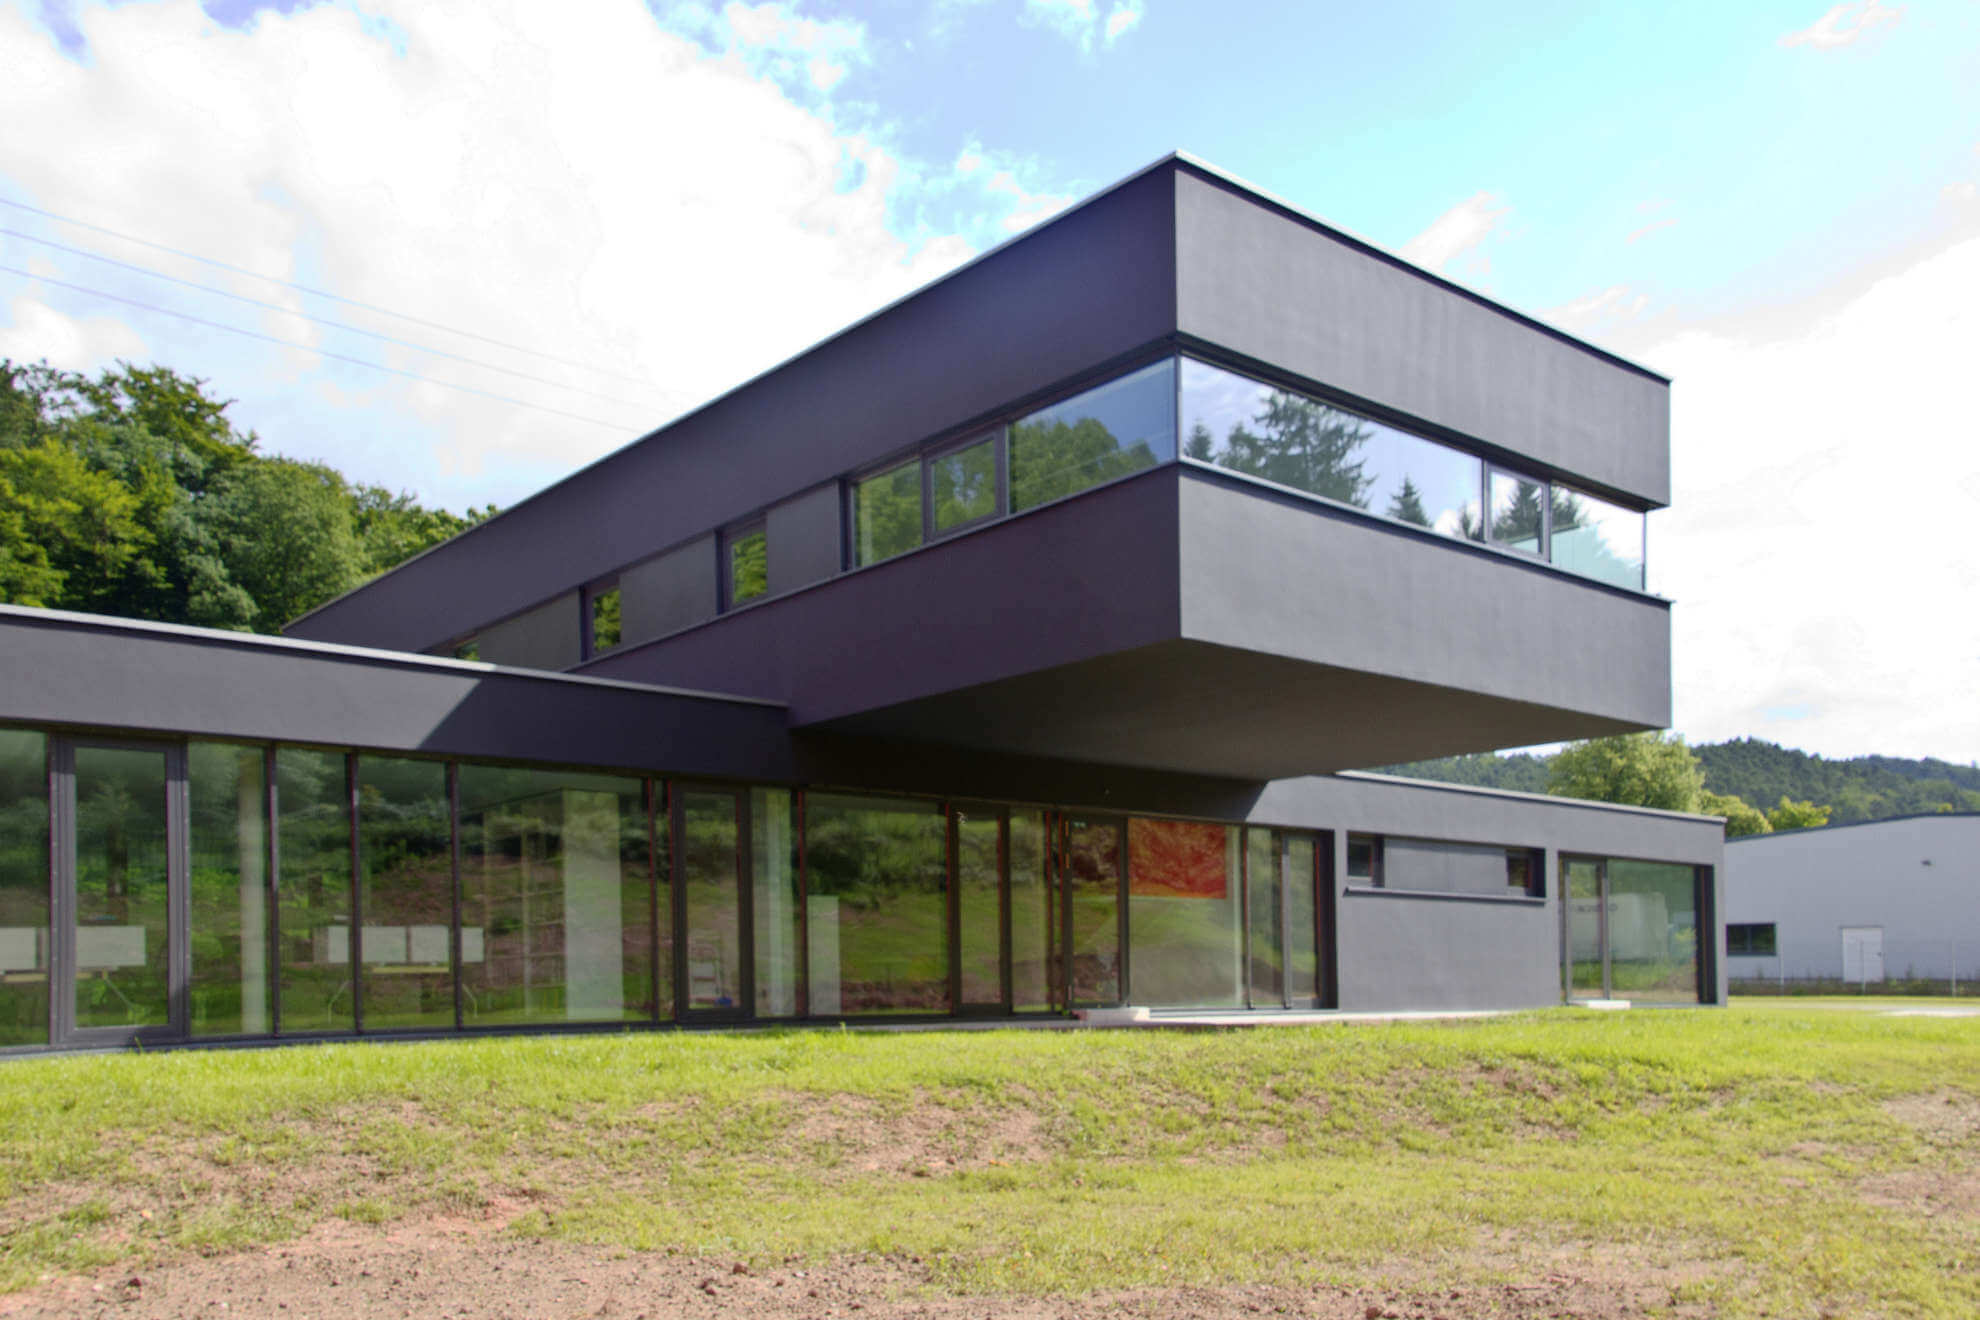 smz-a-15-marcbetz architekten